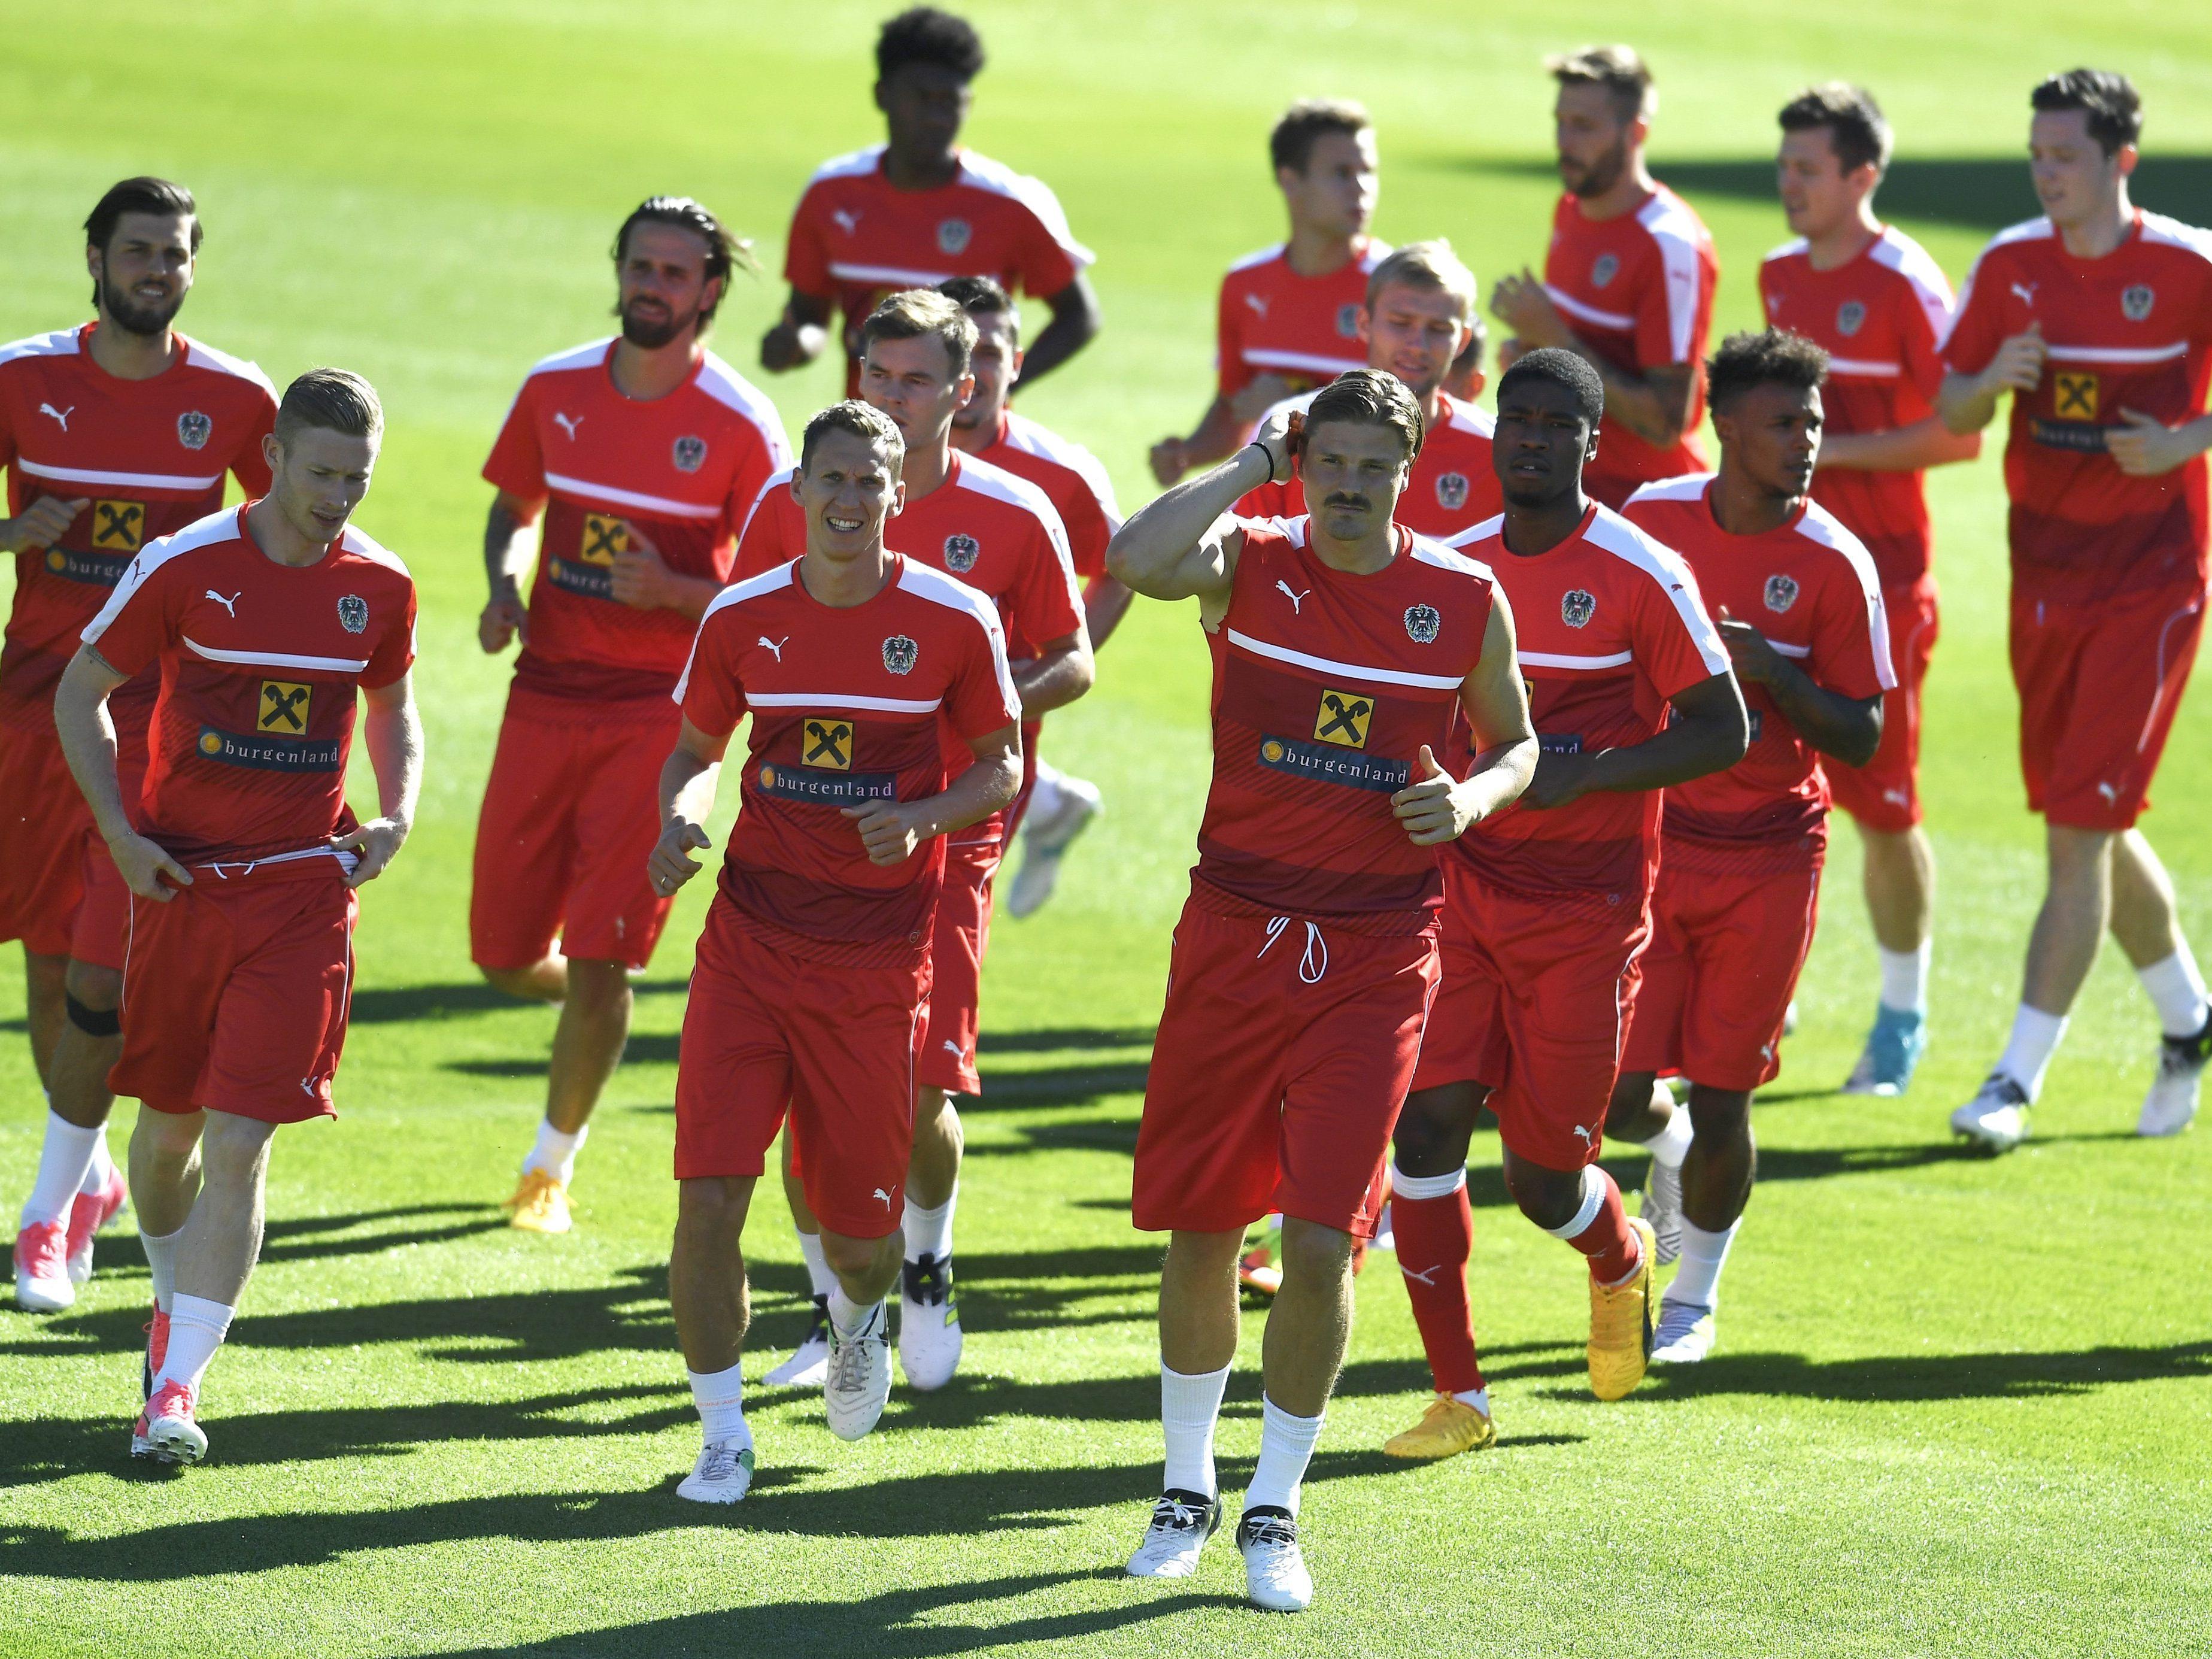 Fussball Em 2020 Osterreich In Gruppe G Mit Machbaren